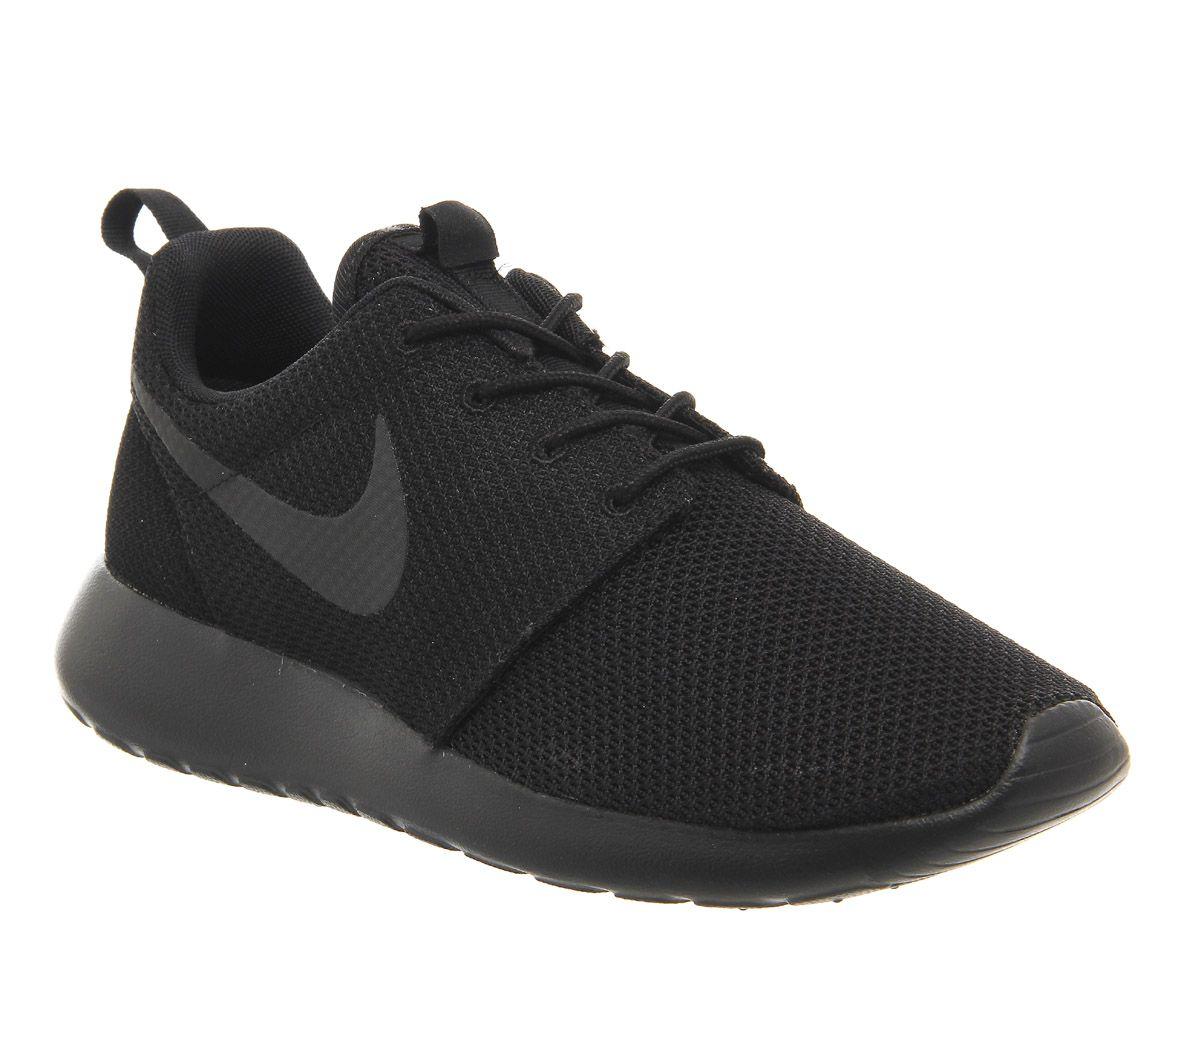 Mens Baratos Nike Formadores De Ejecución Roshe